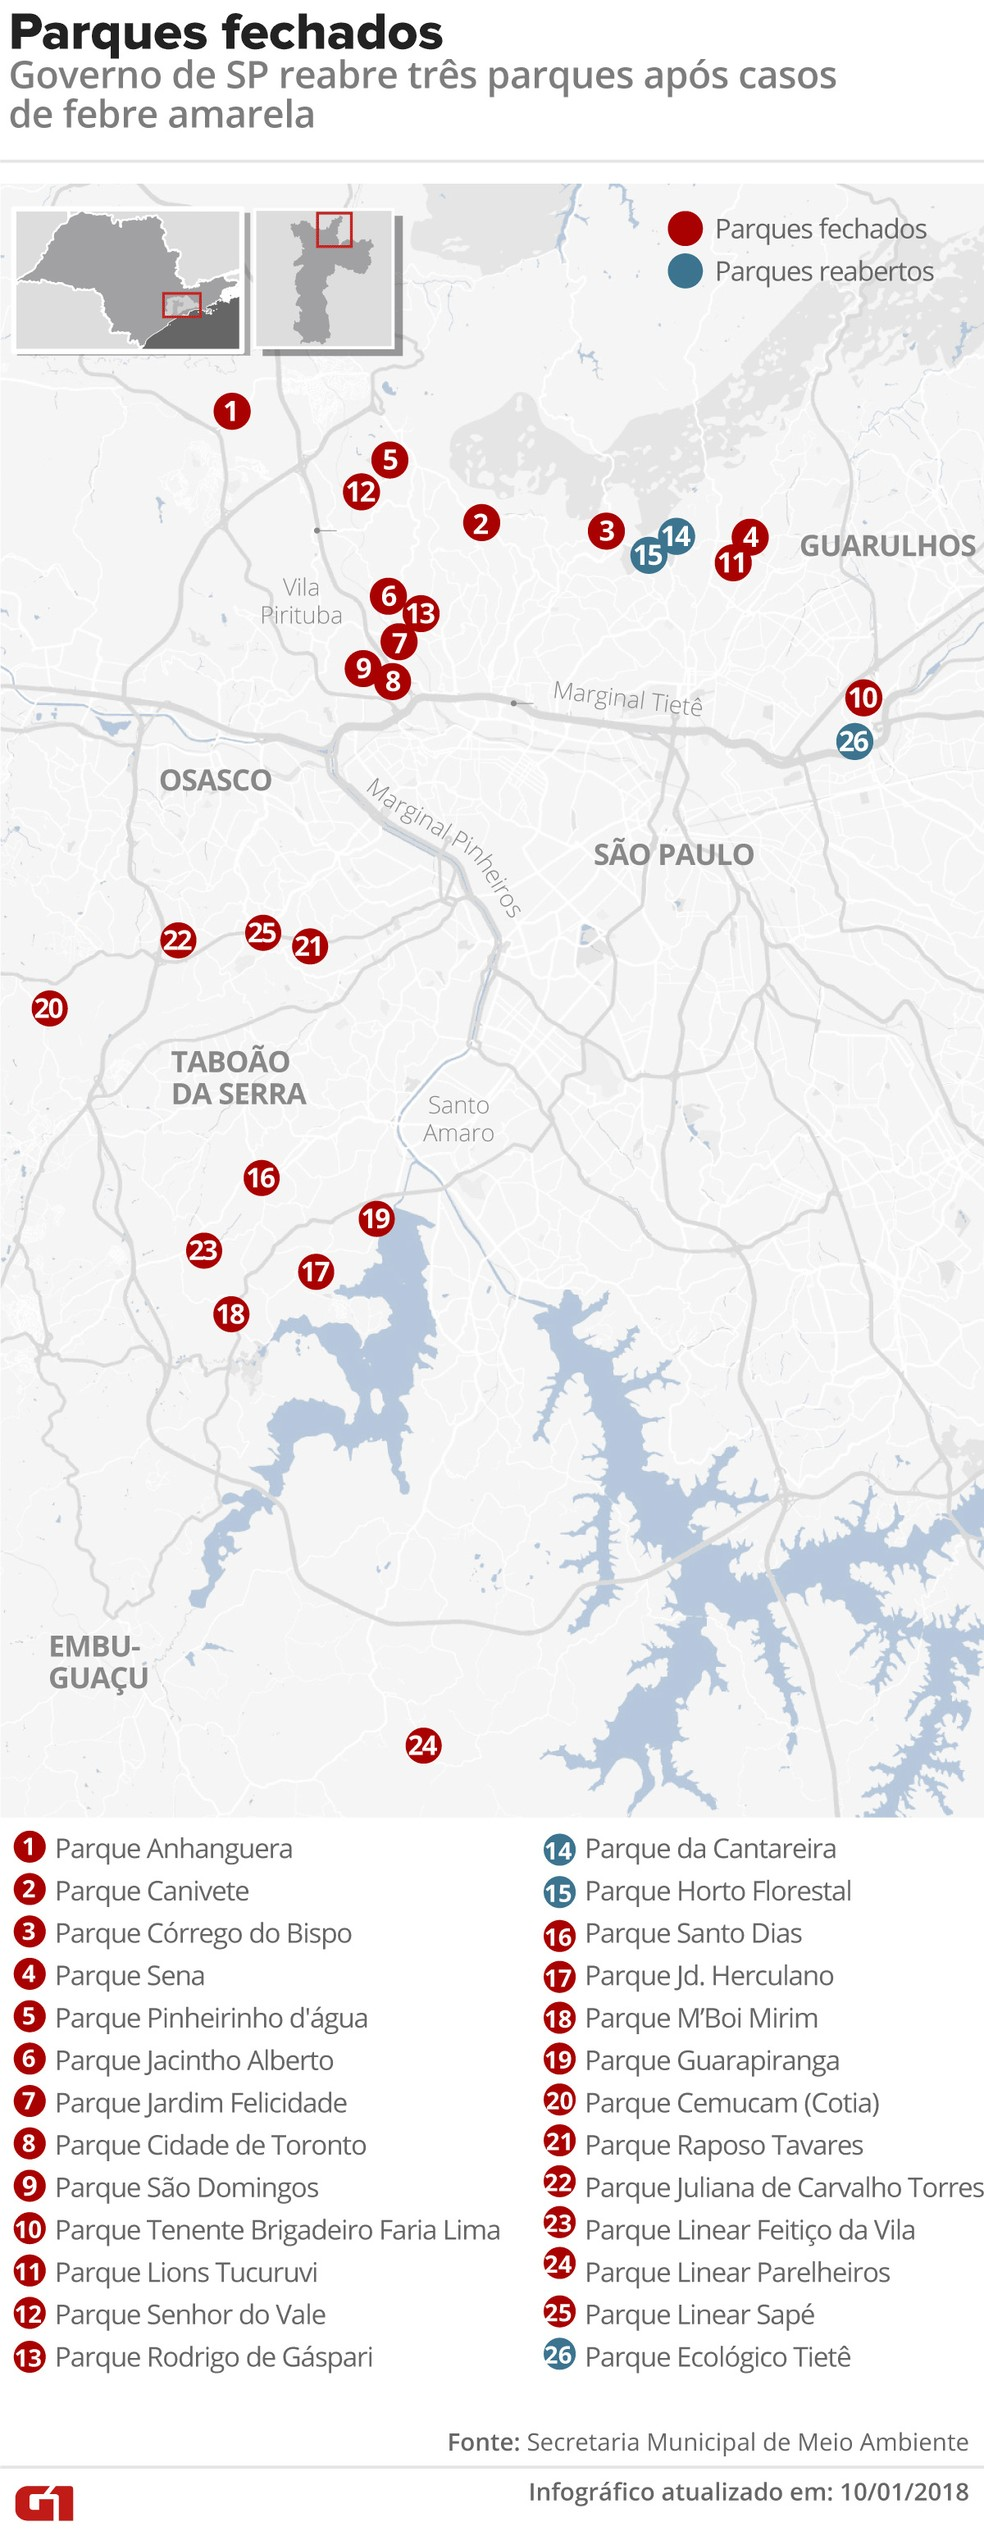 Veja lista de parques fechados e parques reabertos após casos de febre amarela em SP (Foto: Fernanda Garrafiel/G1)